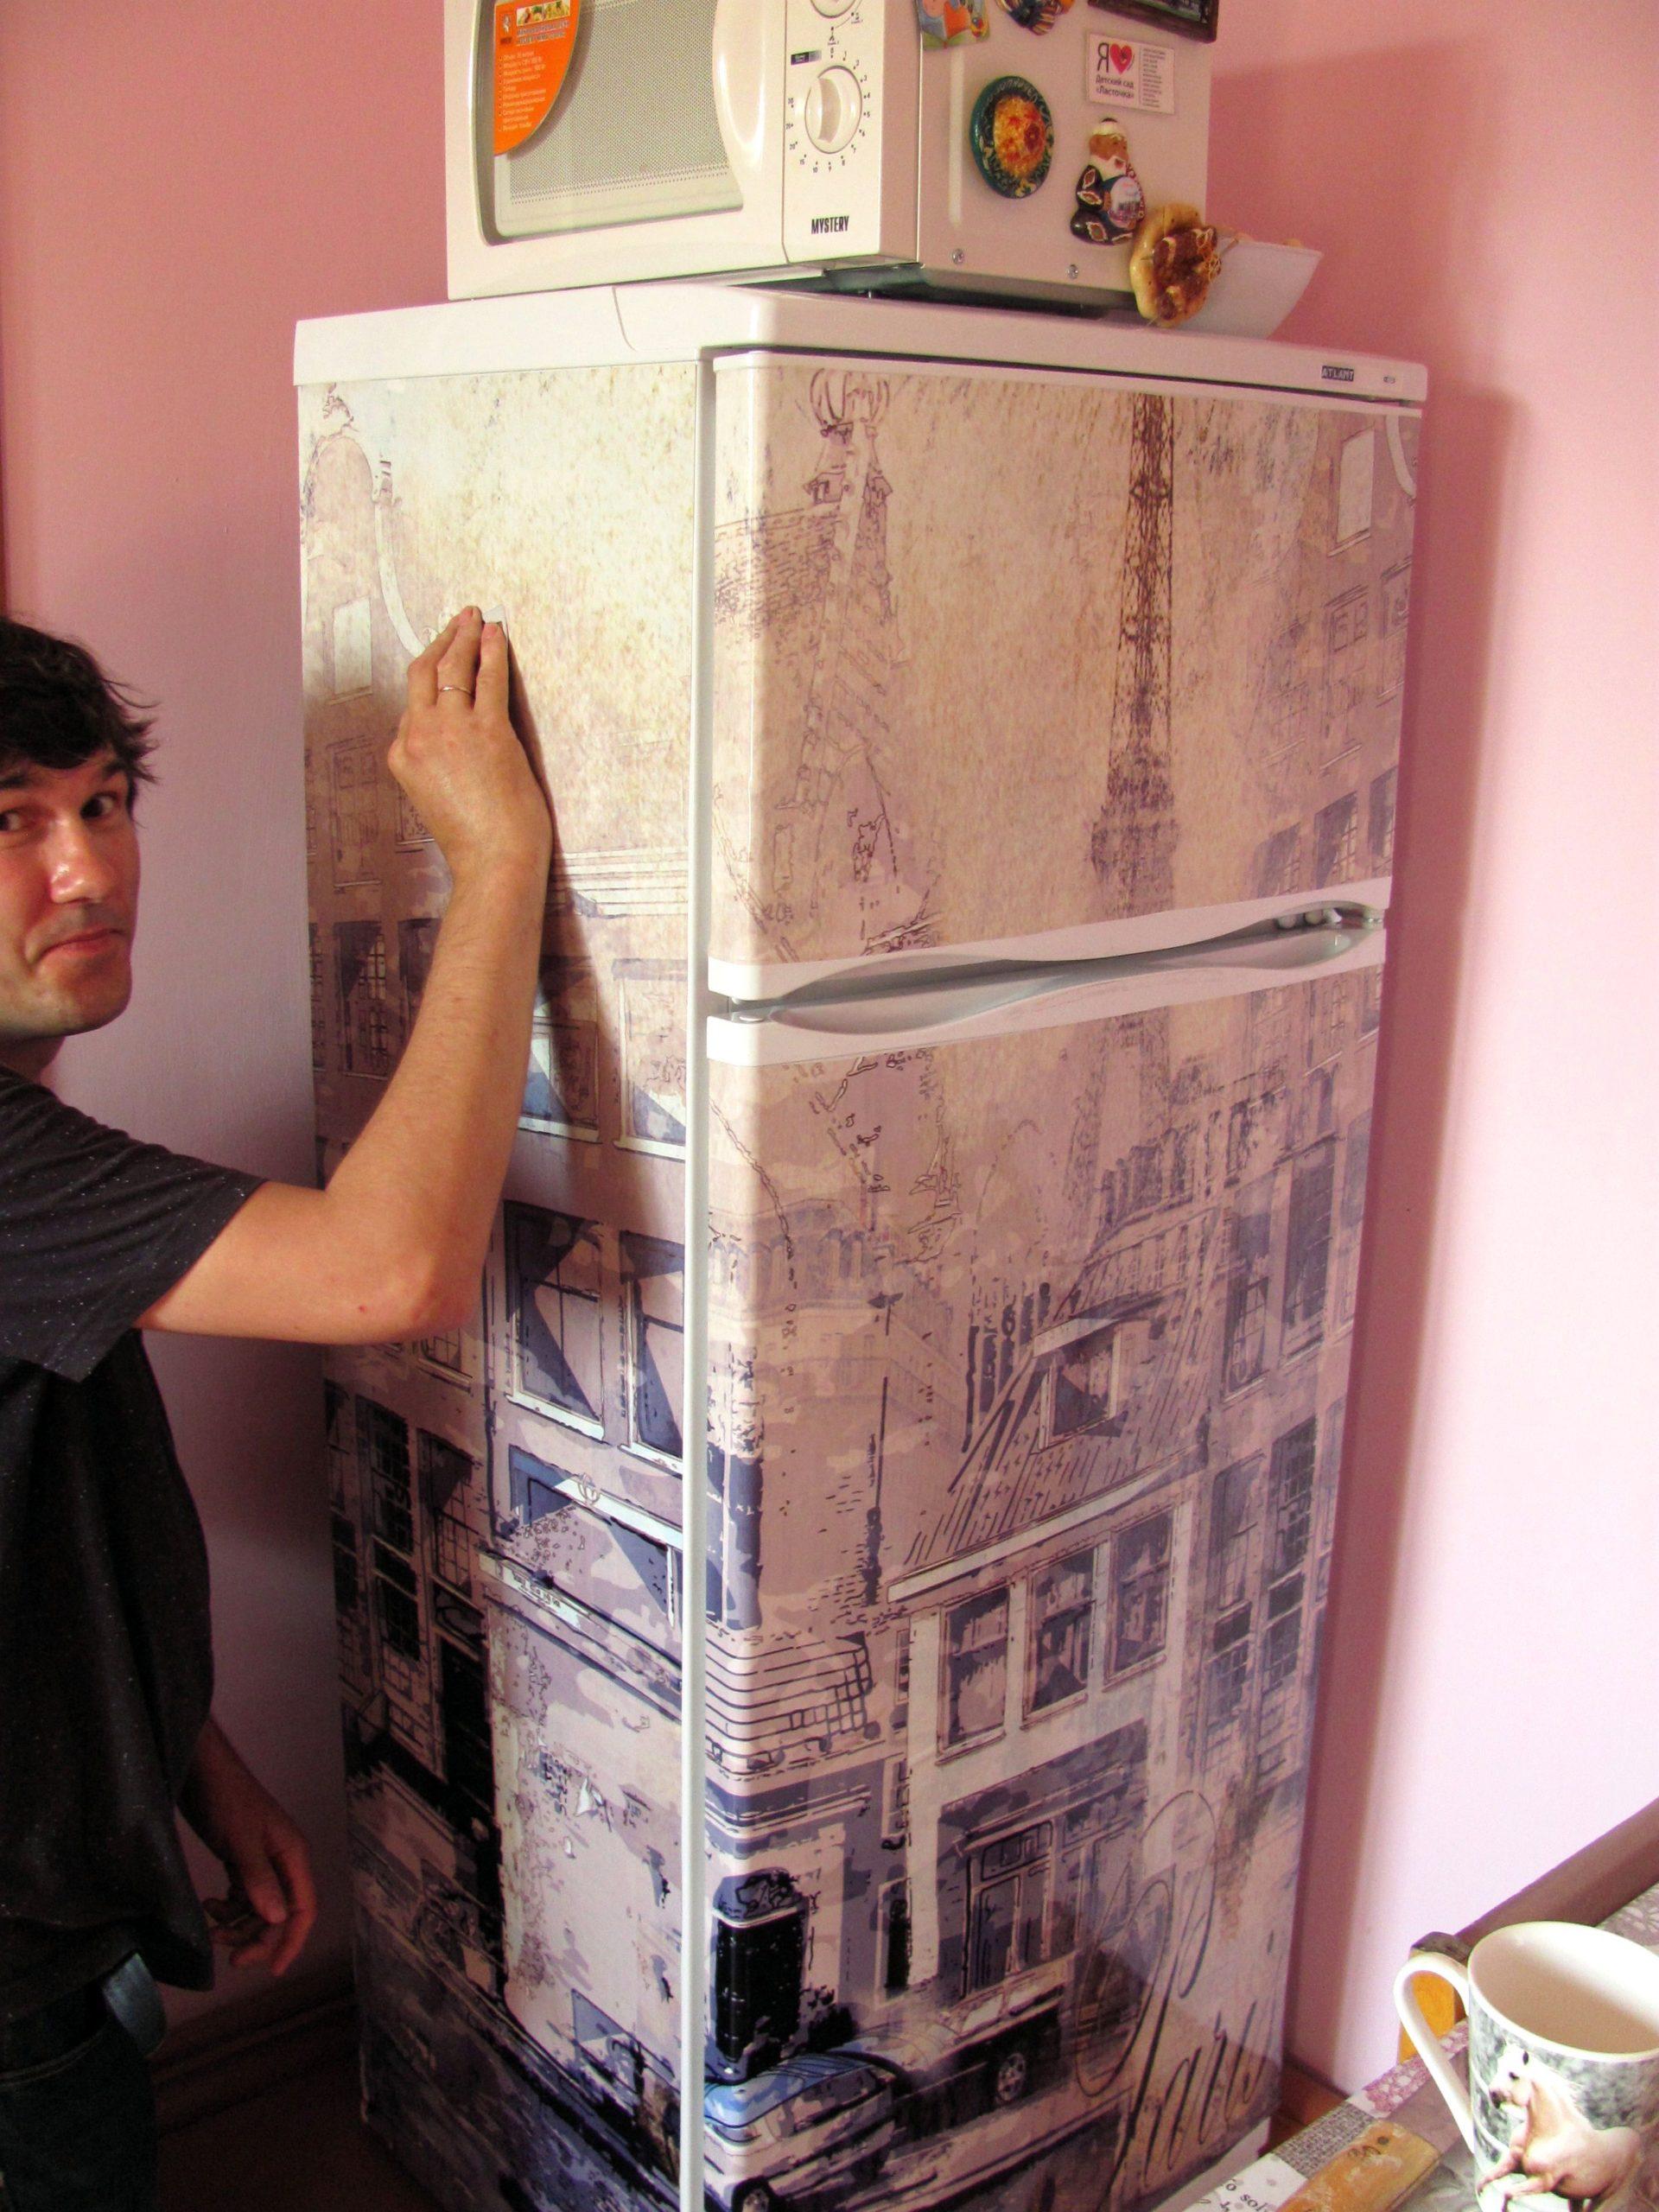 левой части как можно обклеить холодильник фото ознакомиться типовые